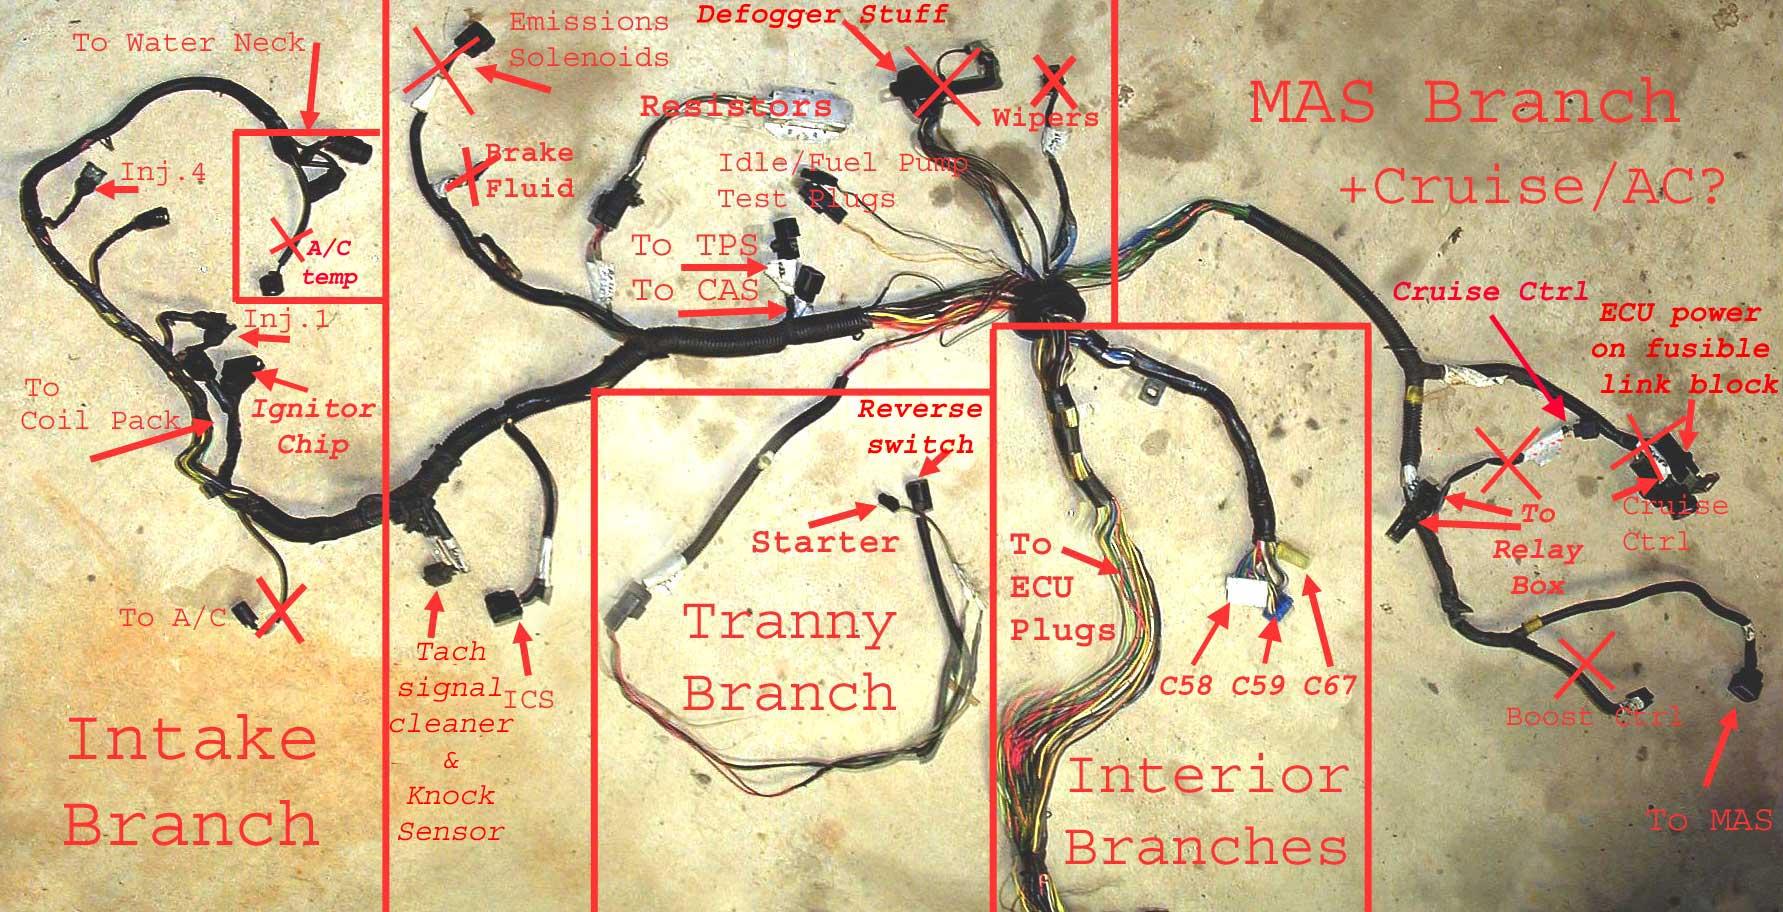 knock sensor wiring diagram mitsubishi wiring library  knock sensor wiring diagram mitsubishi #7